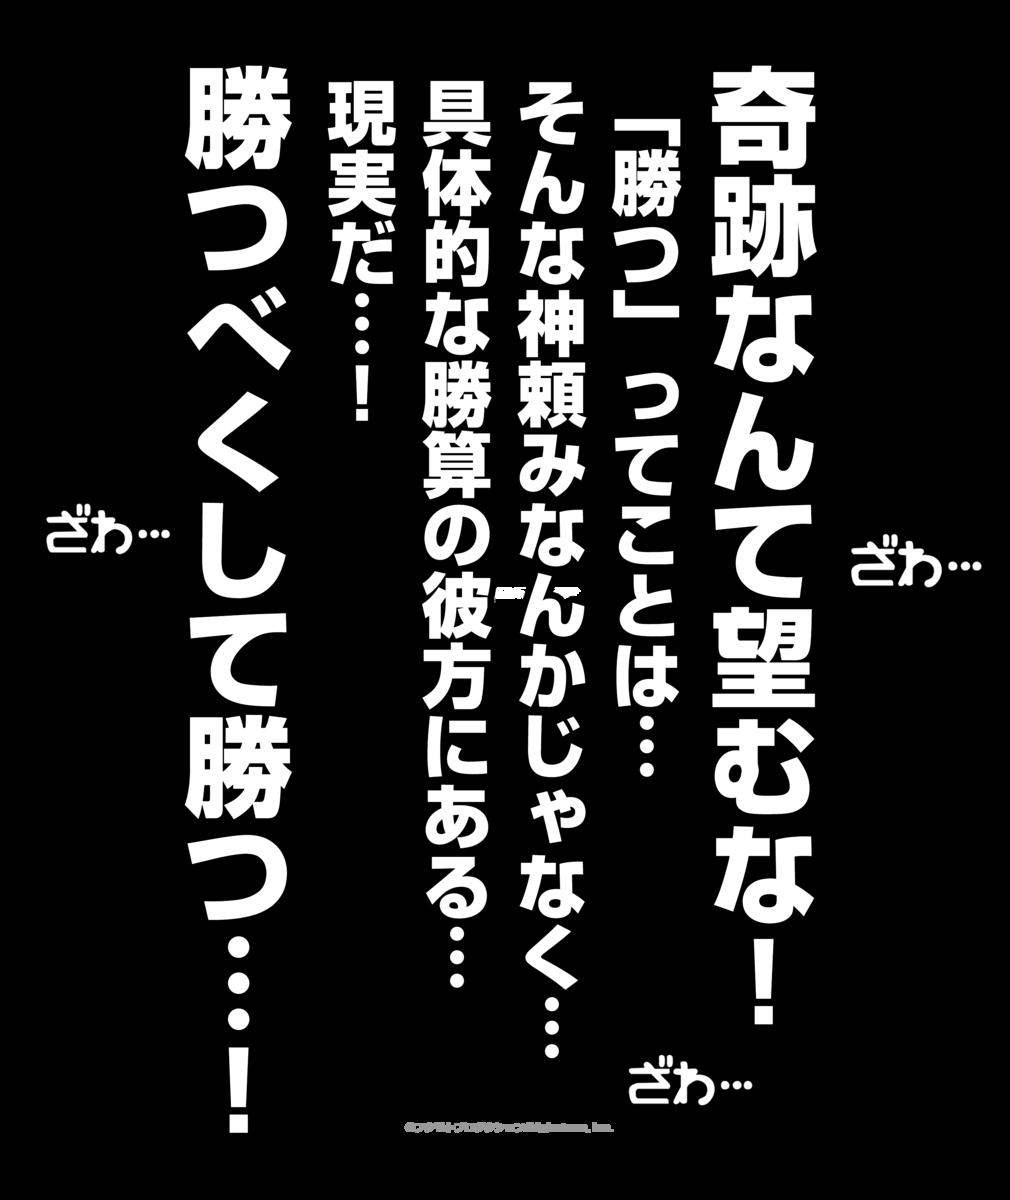 f:id:gokanno:20190518235736p:plain